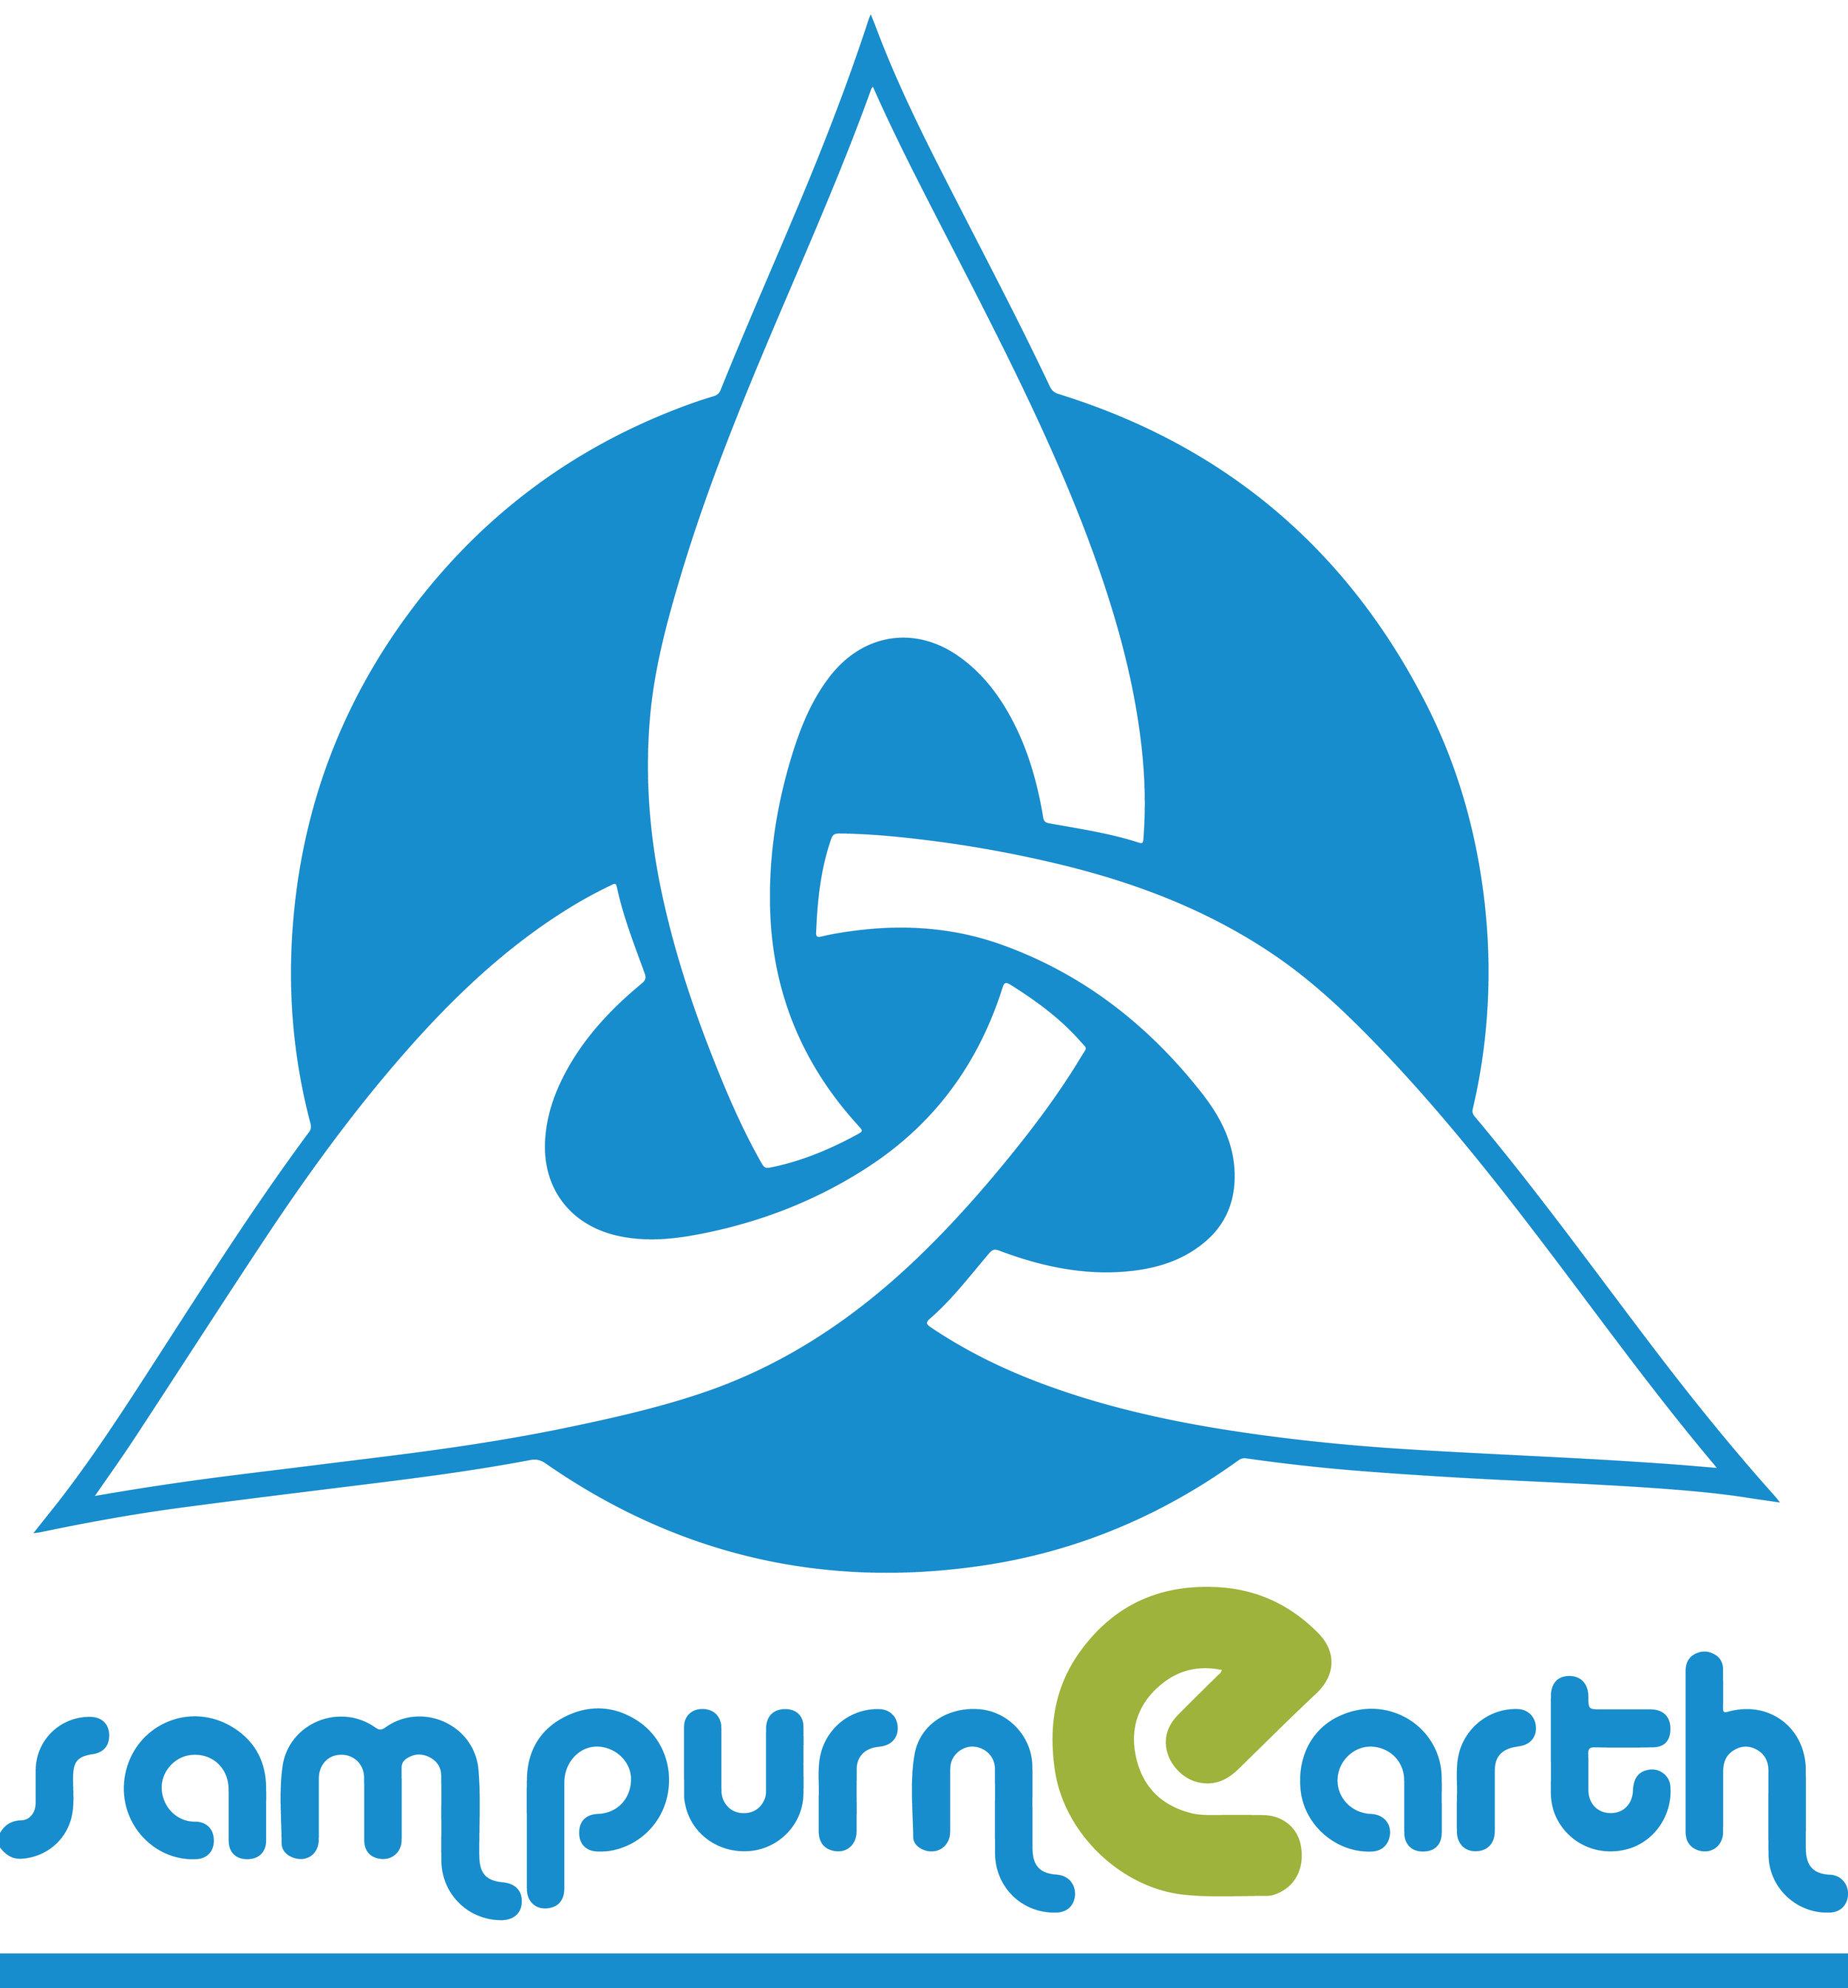 Sampurnearth logo Final-01.jpg